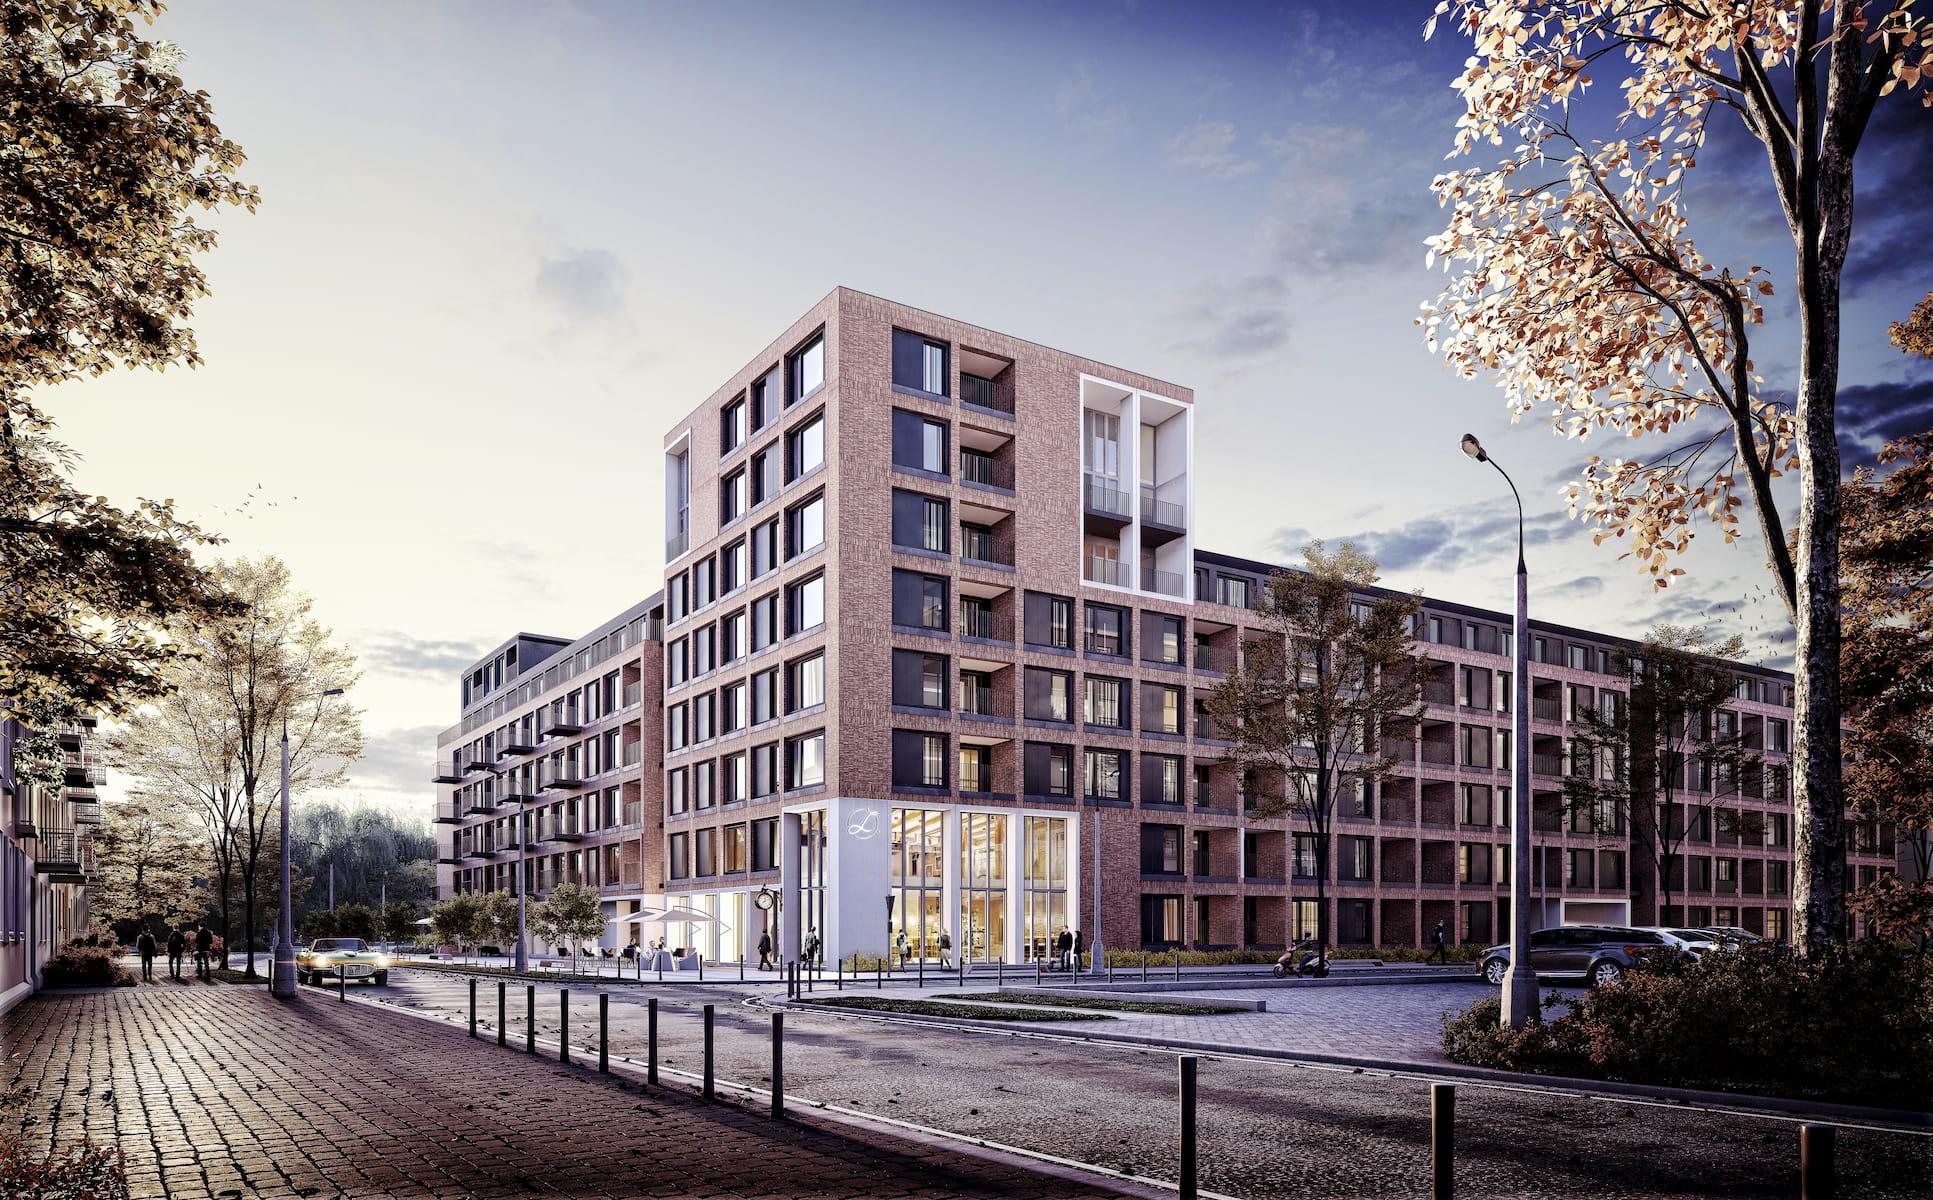 Housing estate in Warsaw BDMA 2017